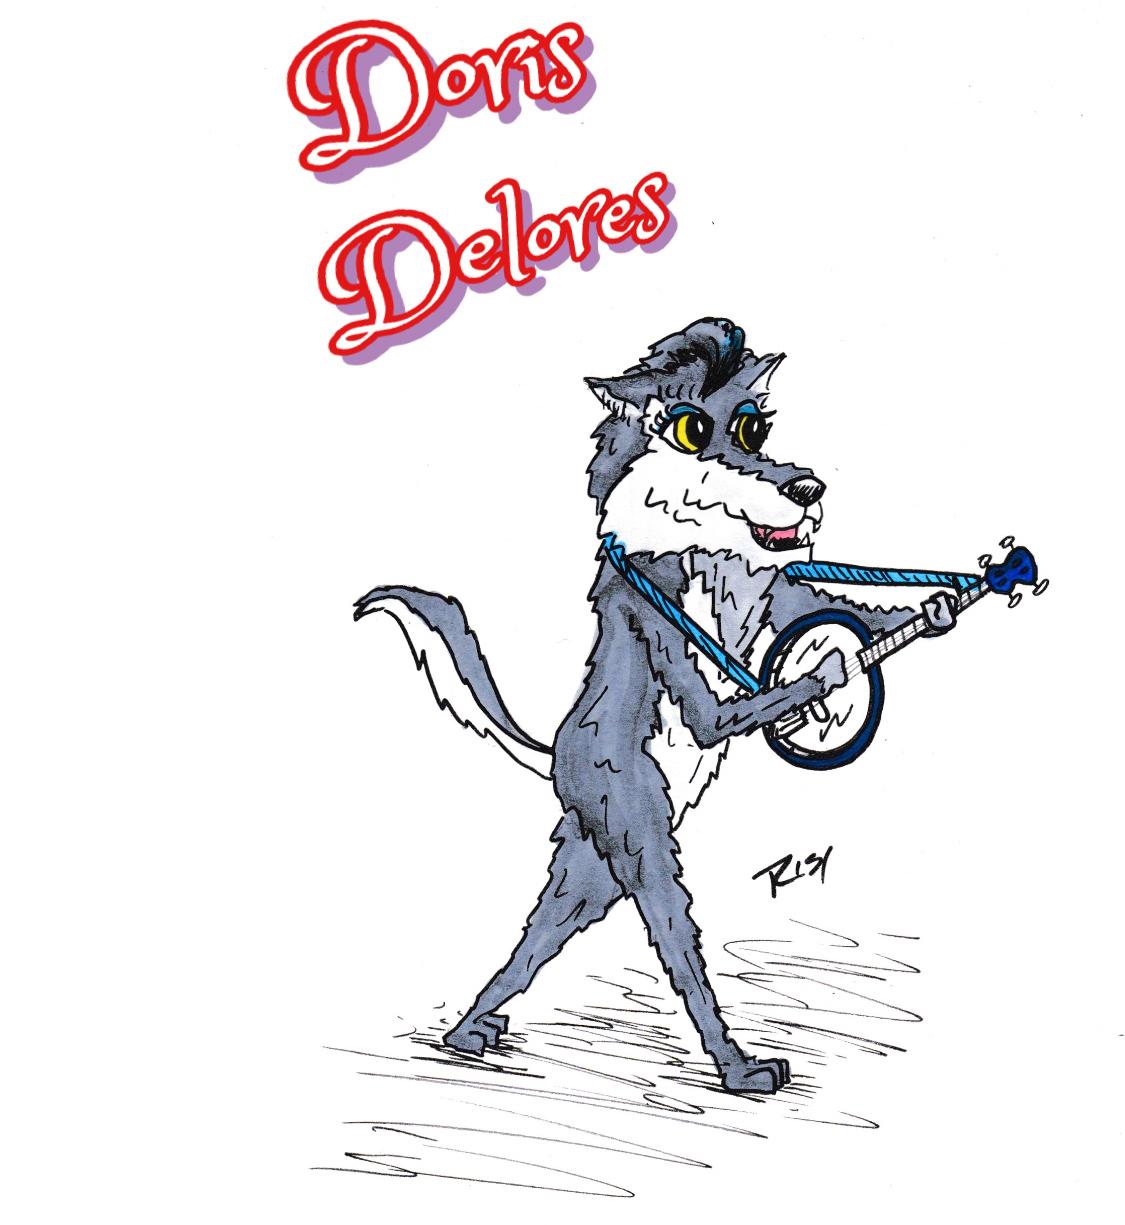 Doris-Delores.jpg